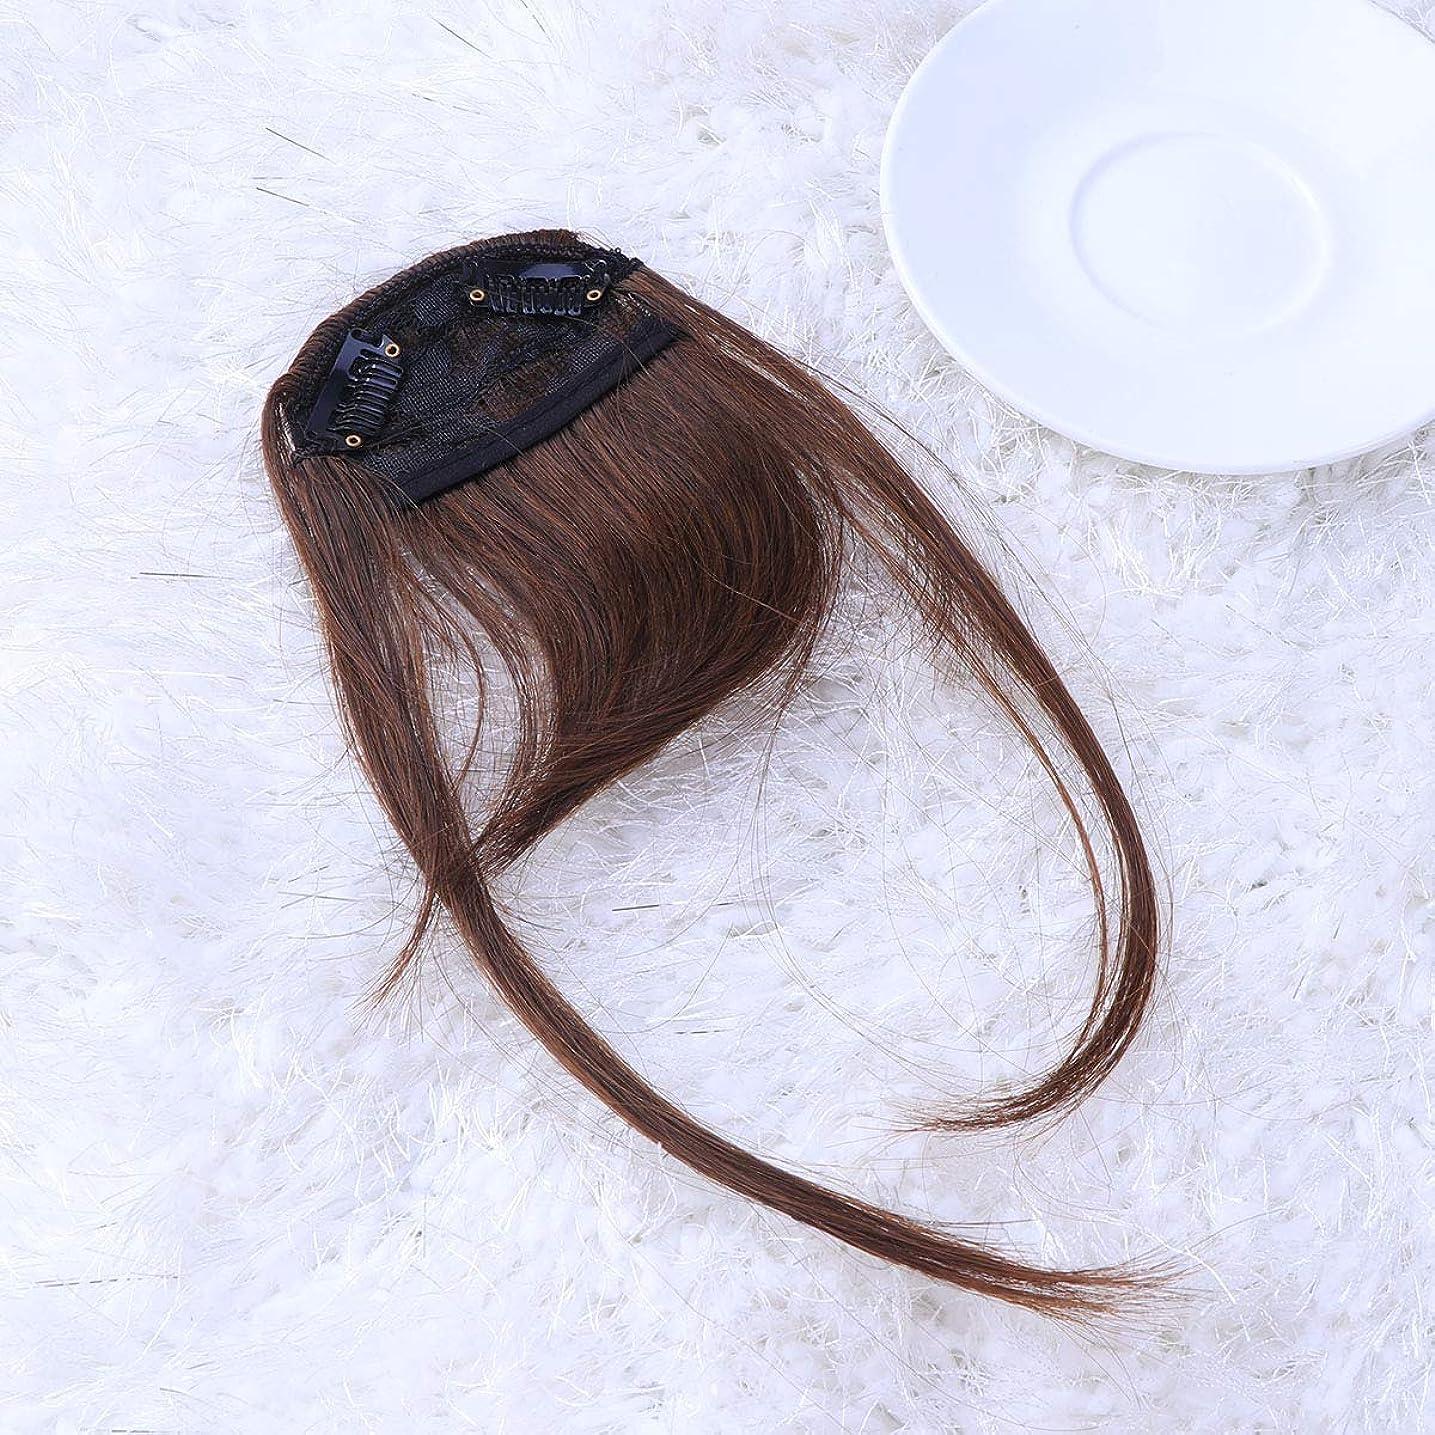 ドキュメンタリー学士トンネルLurrose フロントフリンジ前髪クリップエアフリンジヘアピースヘアエクステンションかつら女性用女の子(ライトブラウン)2ピース